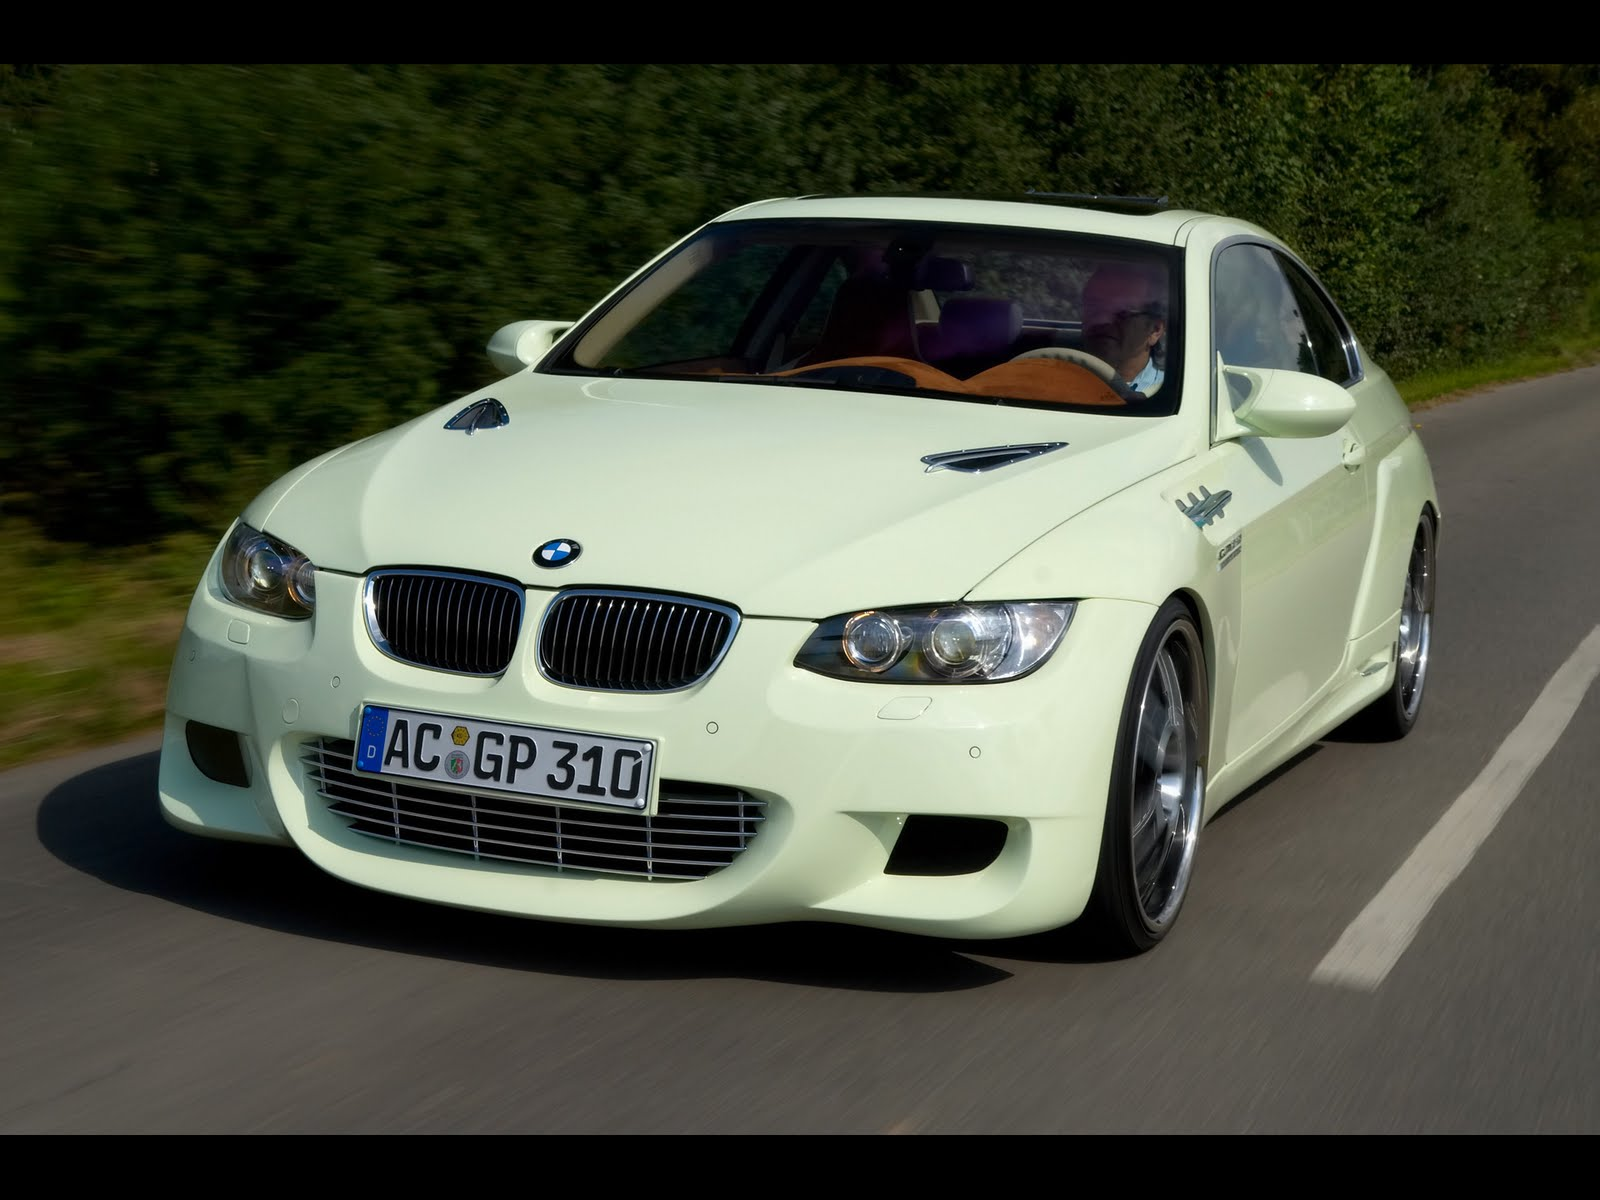 http://4.bp.blogspot.com/-b8i8Df0EjXM/TXzoXW9gLXI/AAAAAAAAAN0/sZ3cYJZPlQw/s1600/2007-AC-Schnitzer-GP3-10-Concept-based-on-BMW-3-Series-Front-Angle-Speed-1920x1440.jpg